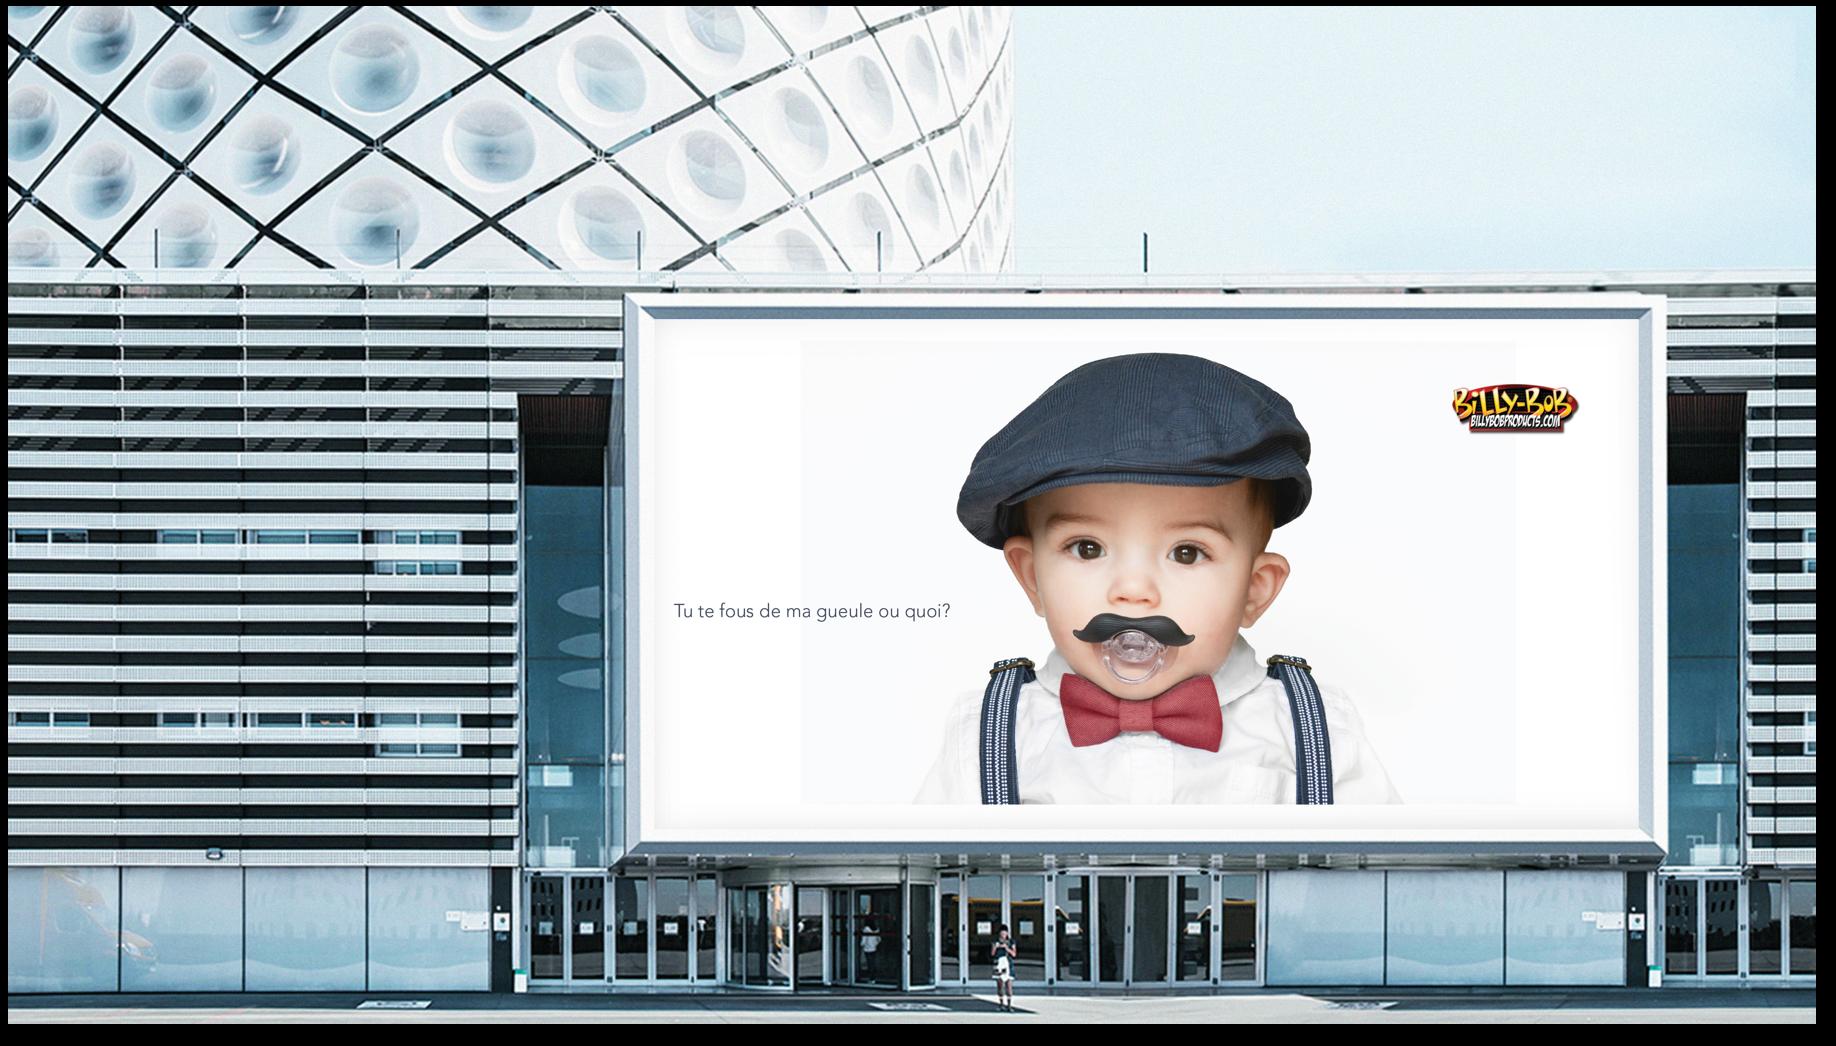 Billybob billboard